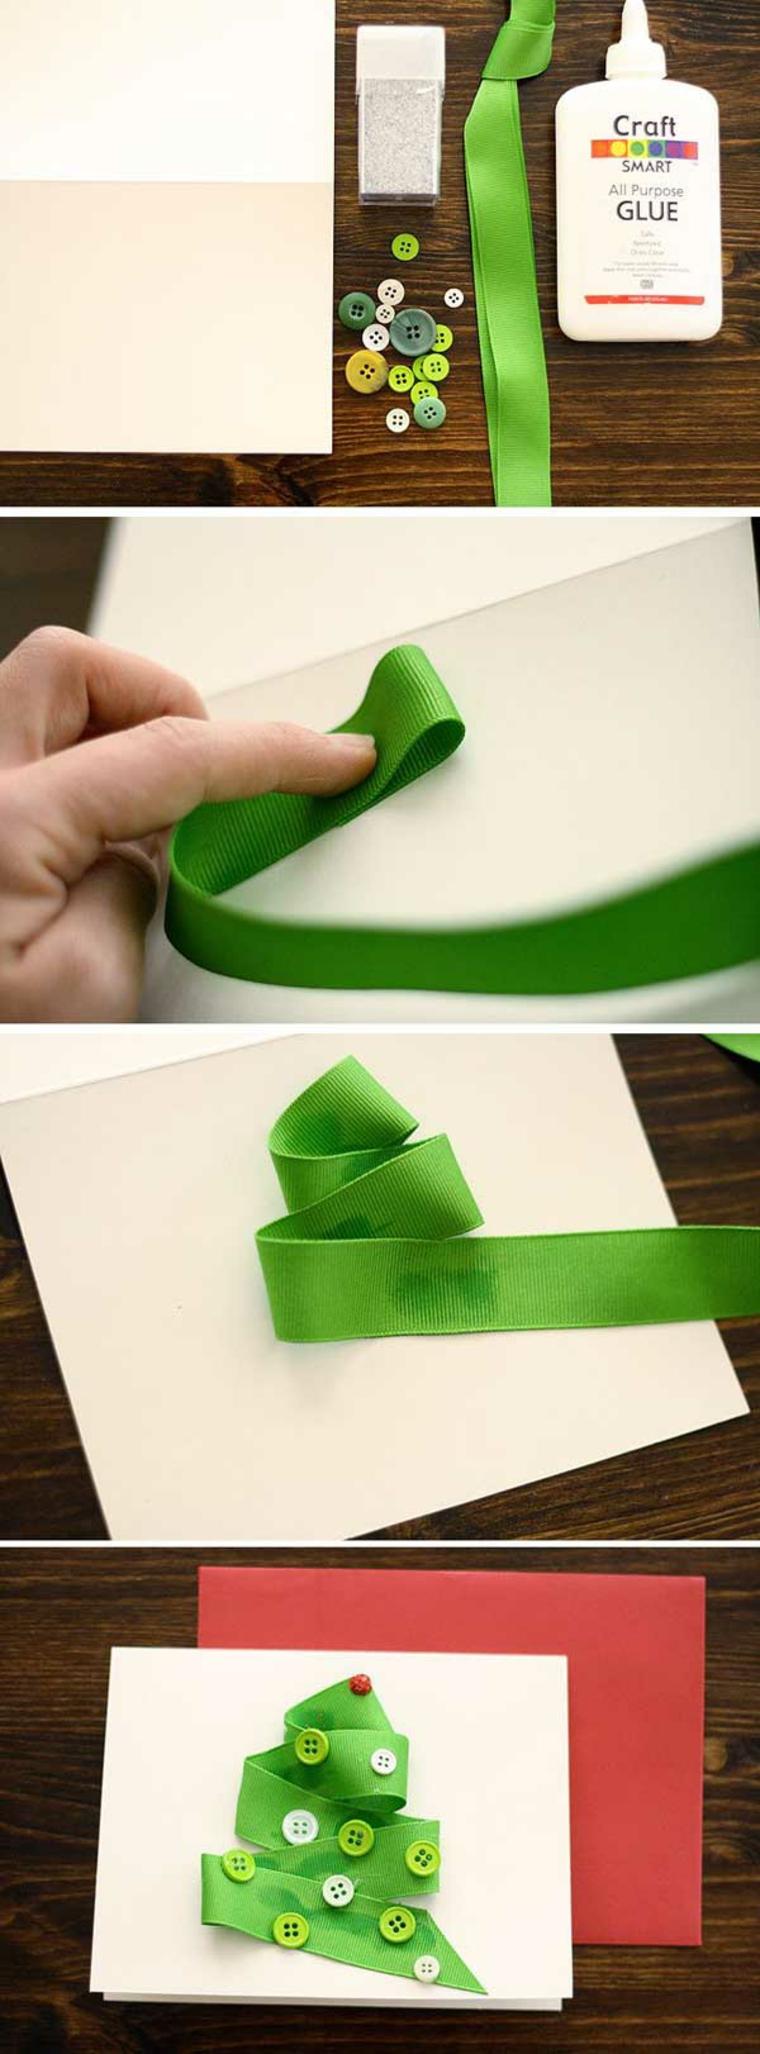 auguri di natale, i vari passaggi per creare con una fettuccia verde e dei bottoni un albero di natale